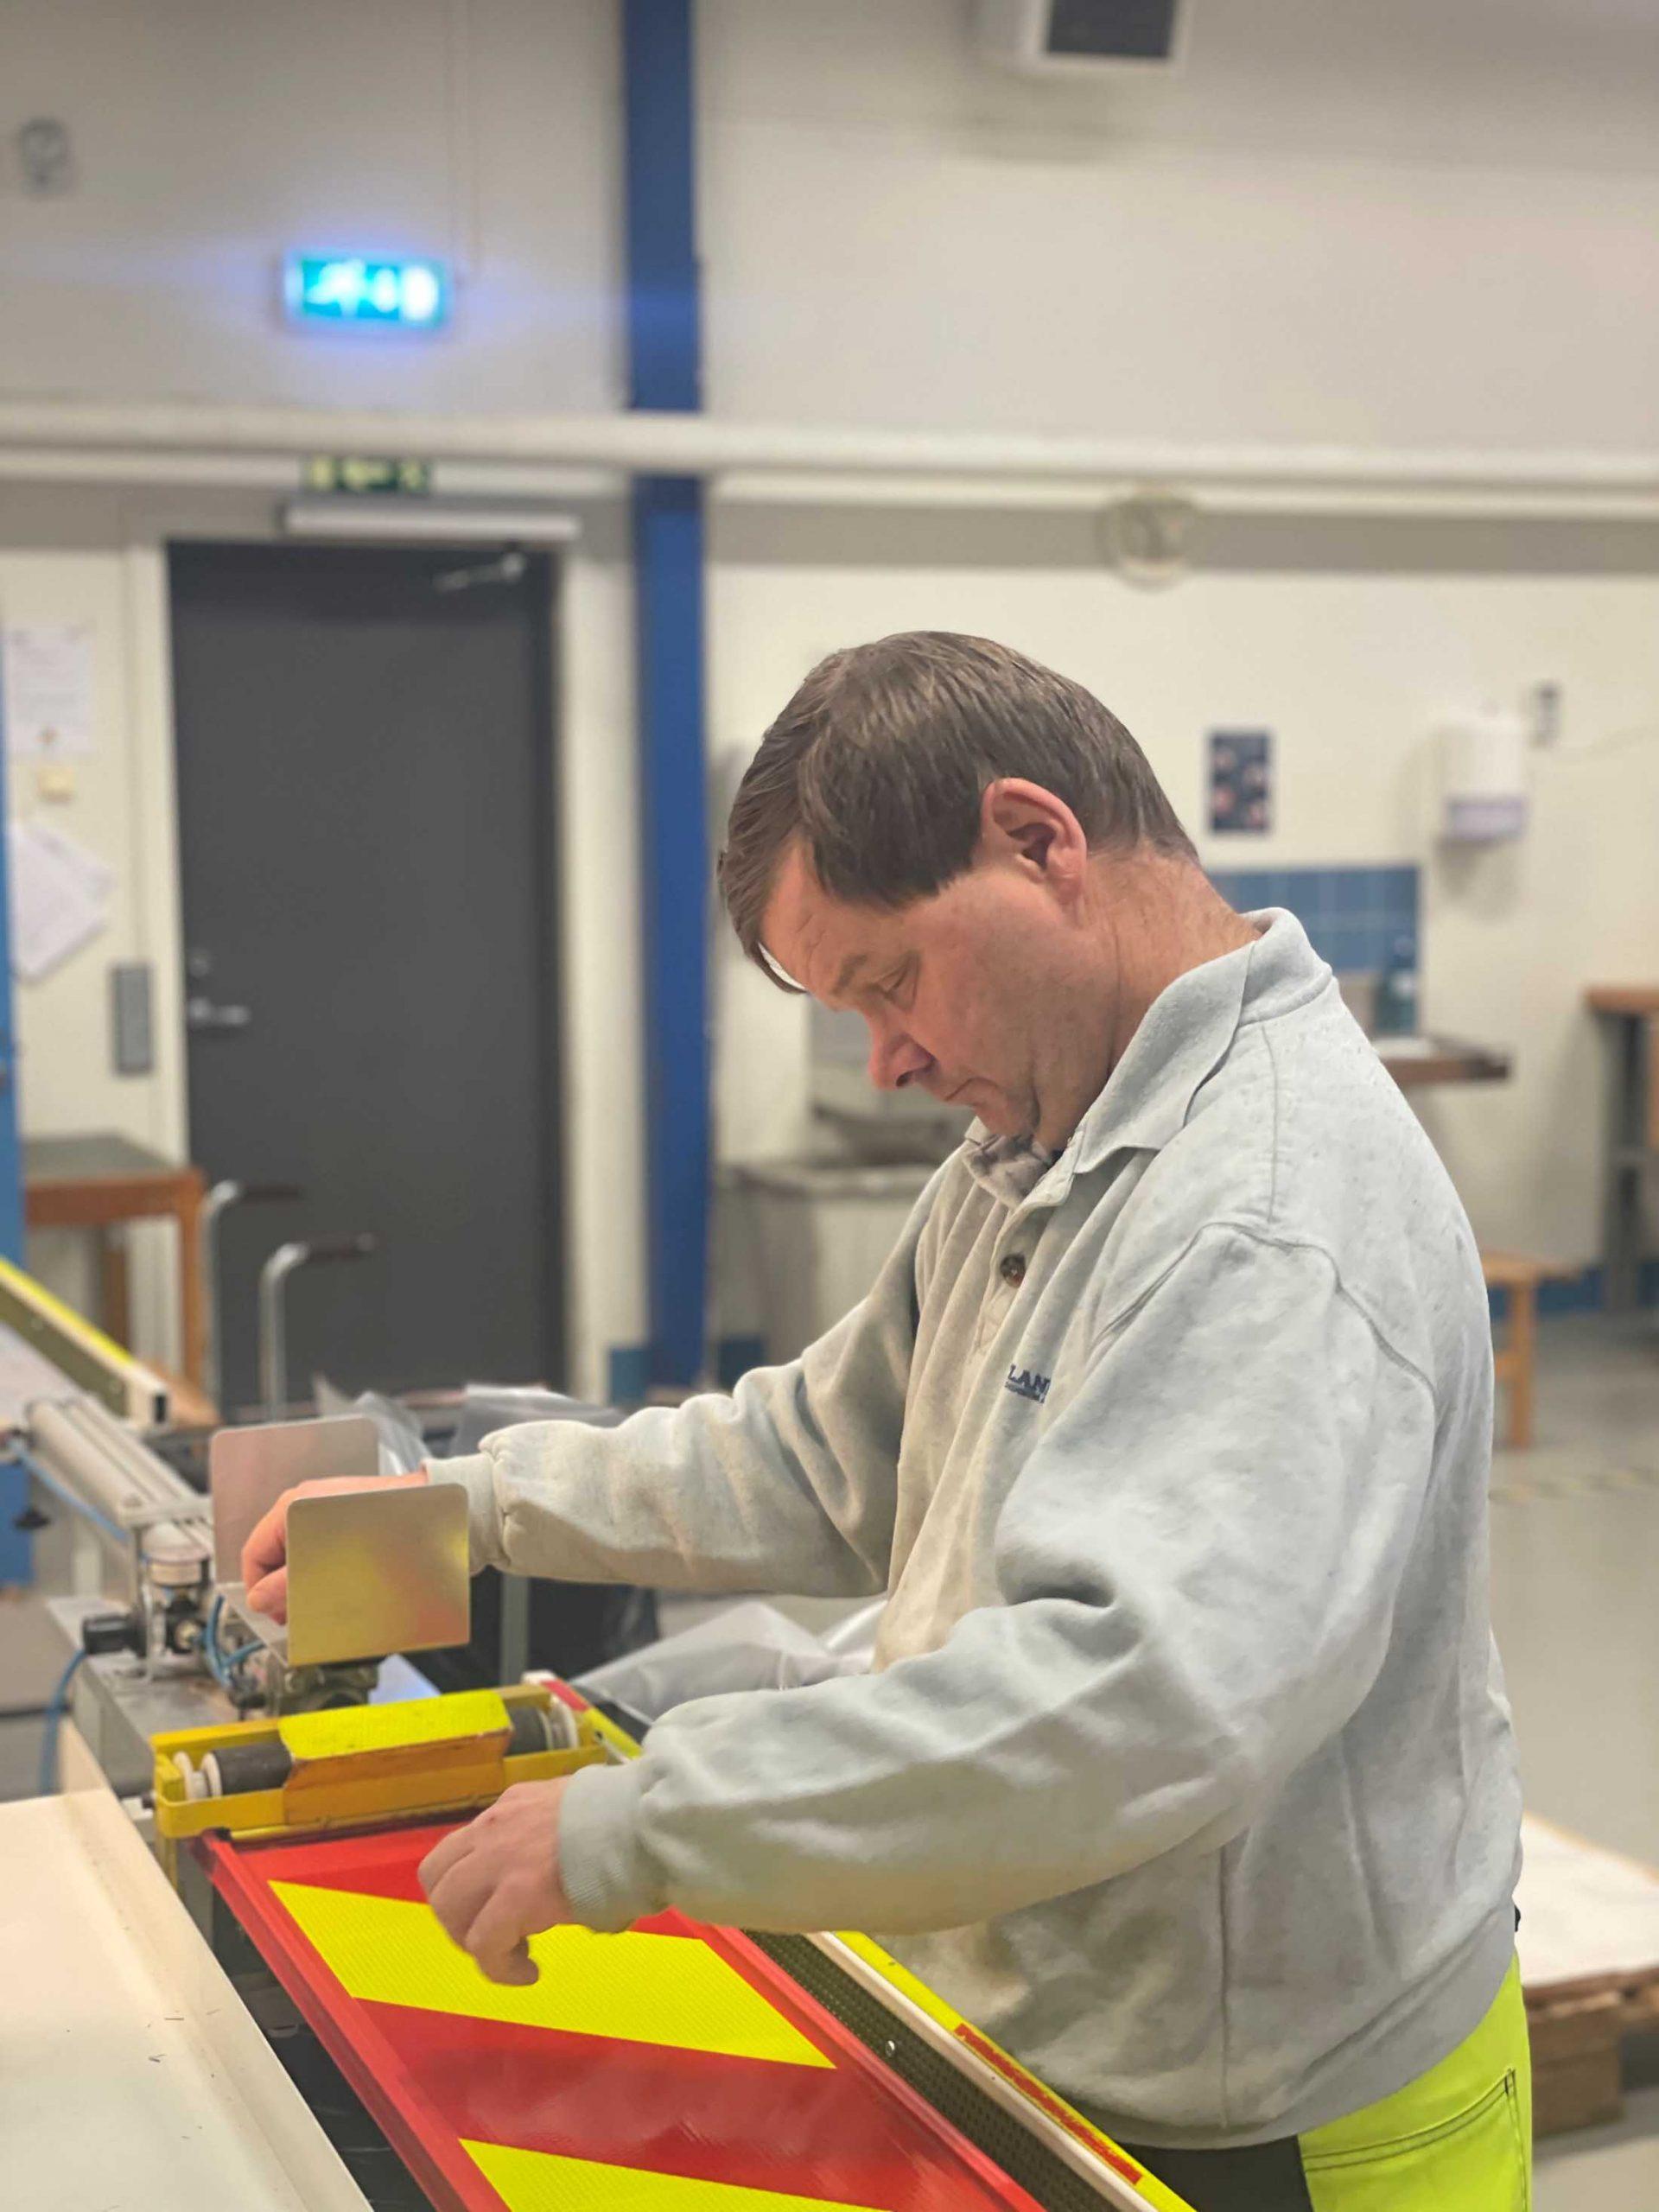 En mann som lager zebrafleks. Bilde